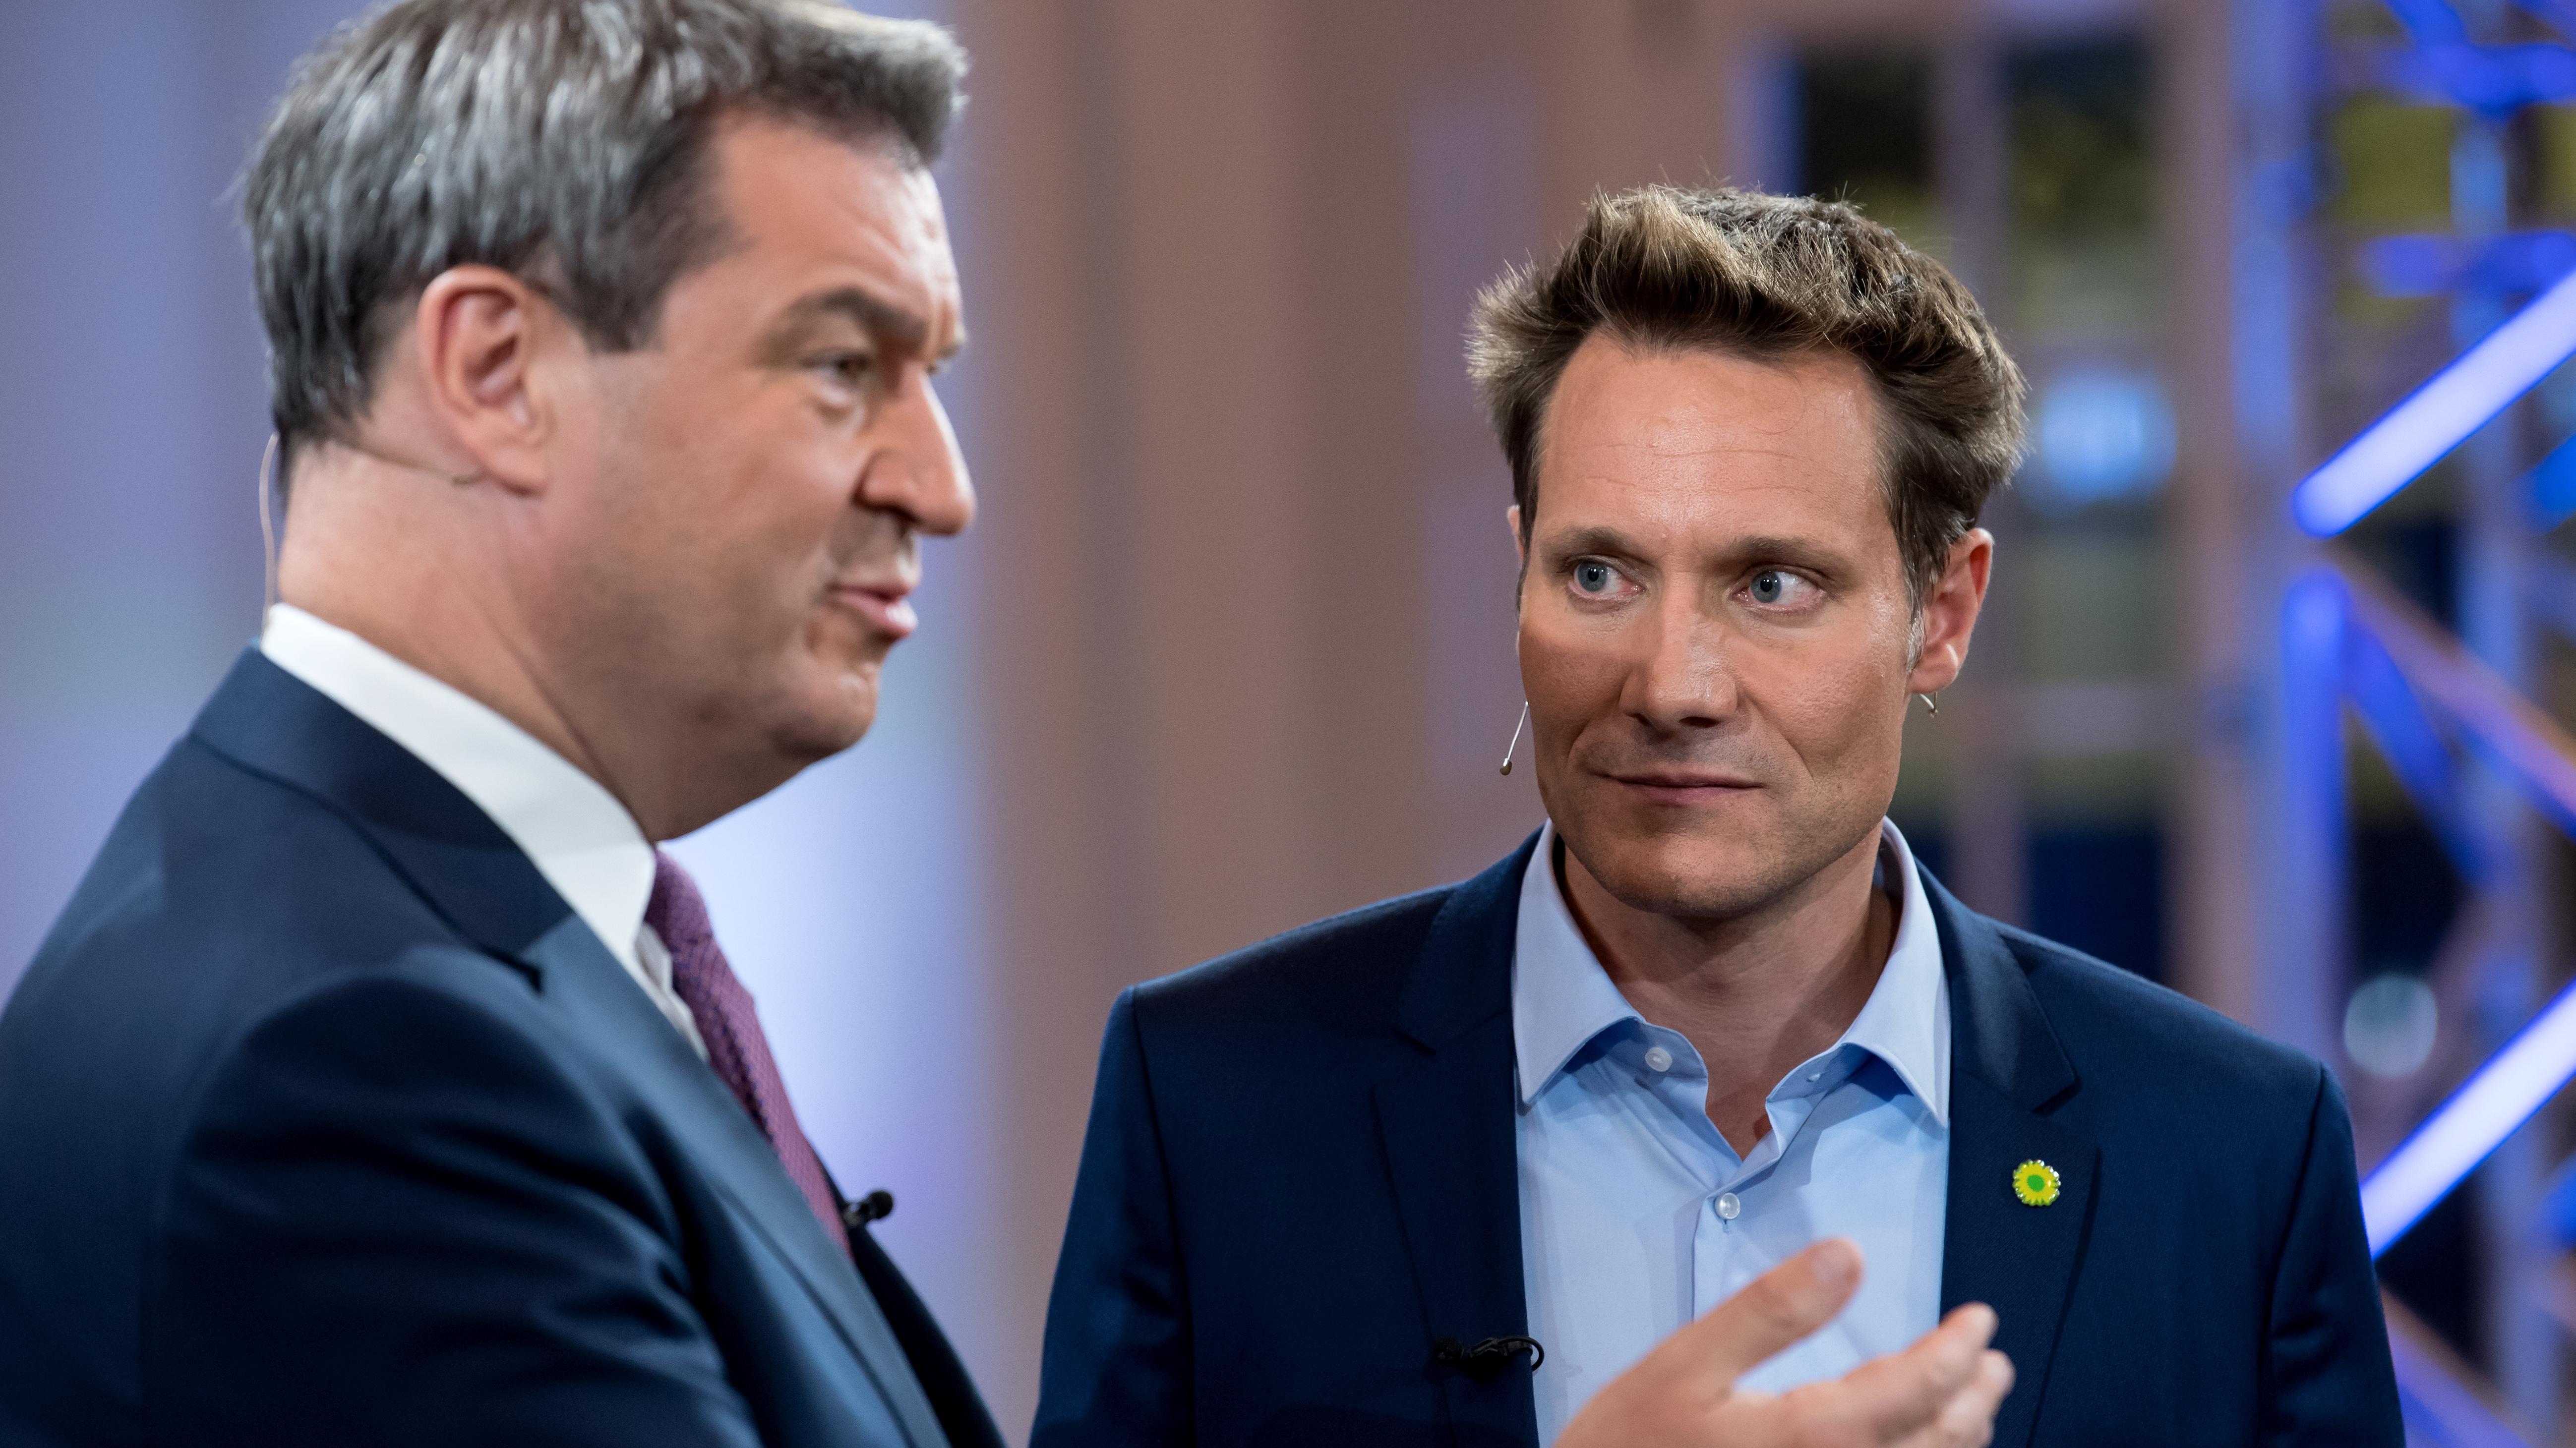 Markus Söder (l, CSU), Ministerpräsident von Bayern, und Ludwig Hartmann (Bündnis 90/Die Grünen), Fraktionsvorsitzender im bayerischen Landtag, stehen nach dem TV-Duell vor der Landtagswahl in einem Fernsehstudio des Bayerischen Rundfunks.